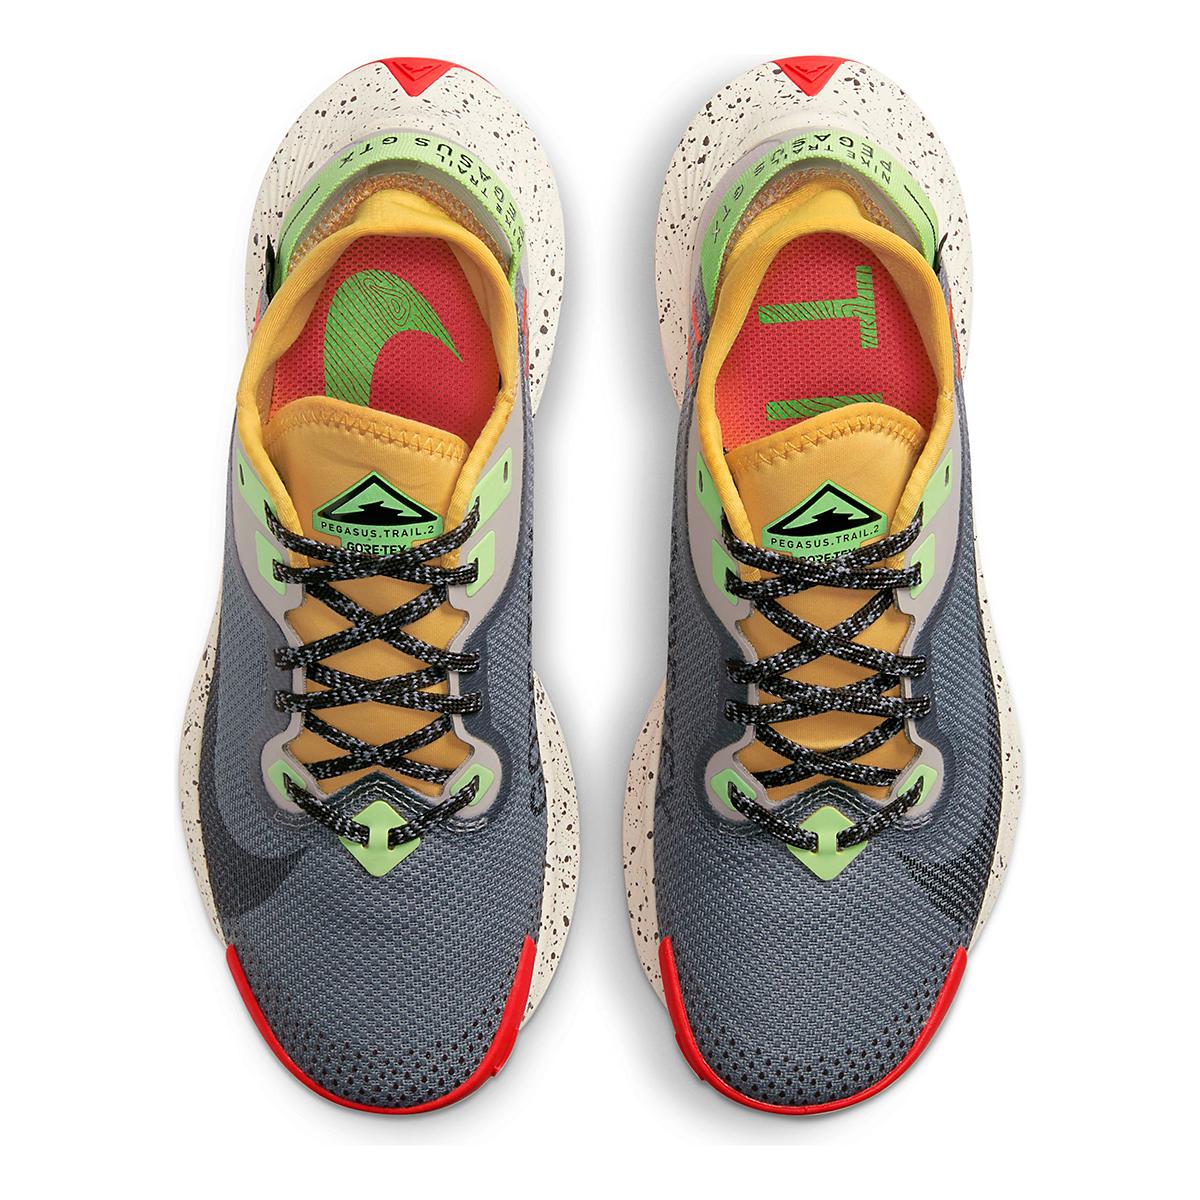 Women's Nike Pegasus Trail 2 Gore-Tex Running Shoe - Color: Smoke Grey/Black-Bucktan-College Grey - Size: 5 - Width: Regular, Smoke Grey/Black-Bucktan-College Grey, large, image 4